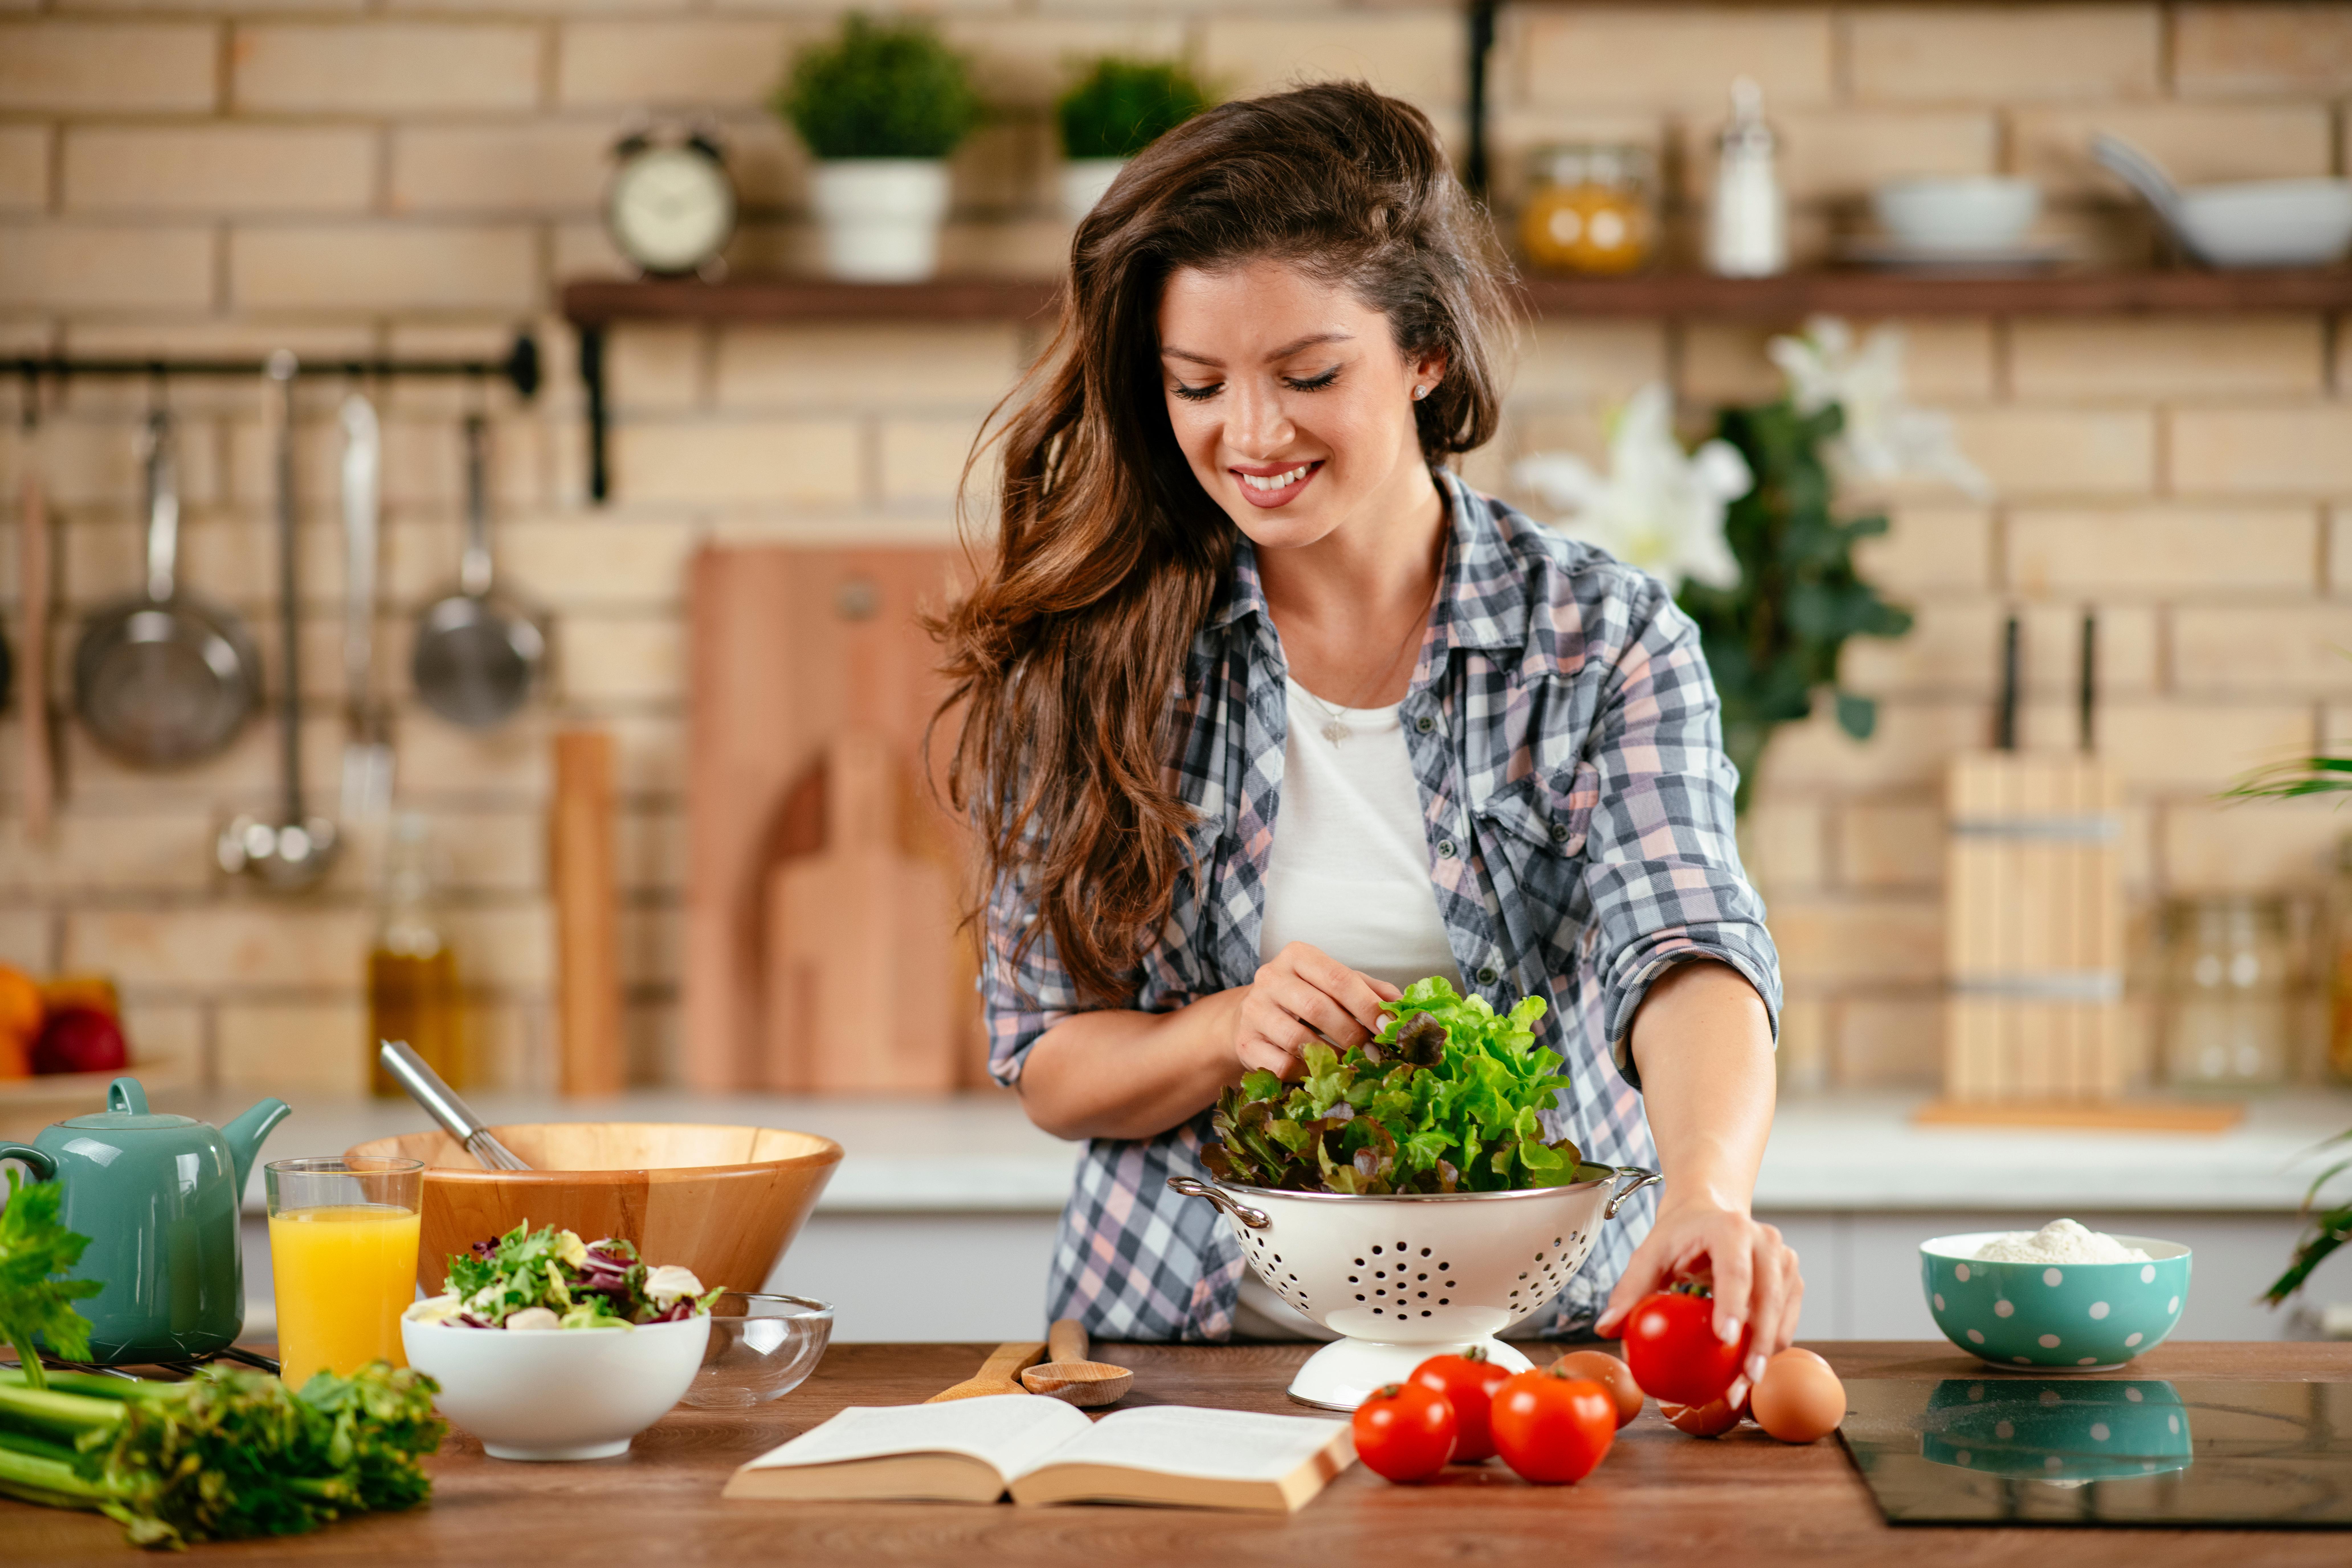 Día de la Gastronomía Sostenible: consejos para aprovechar al máximo los alimentos